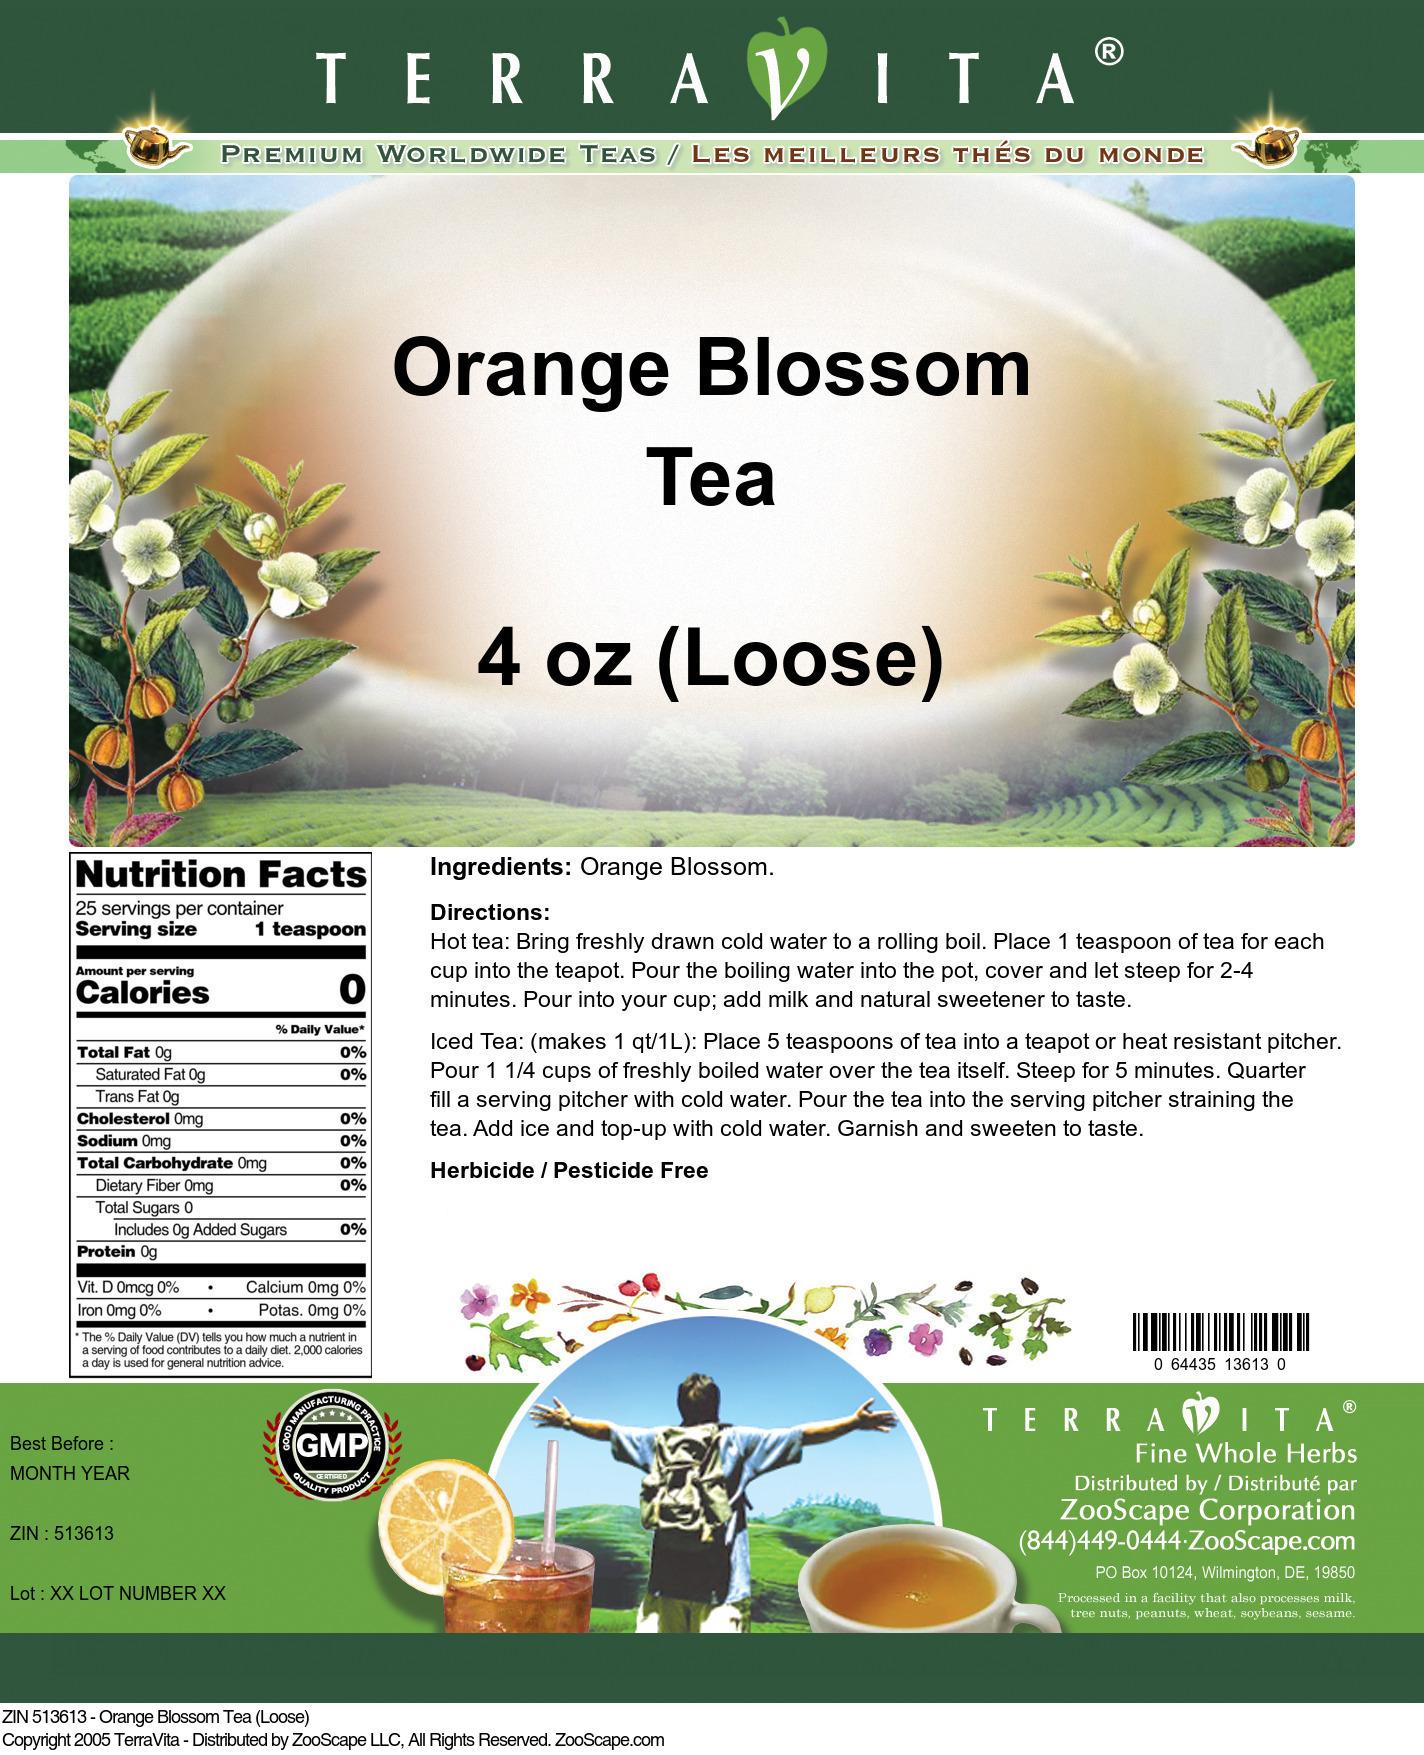 Orange Blossom Tea (Loose)